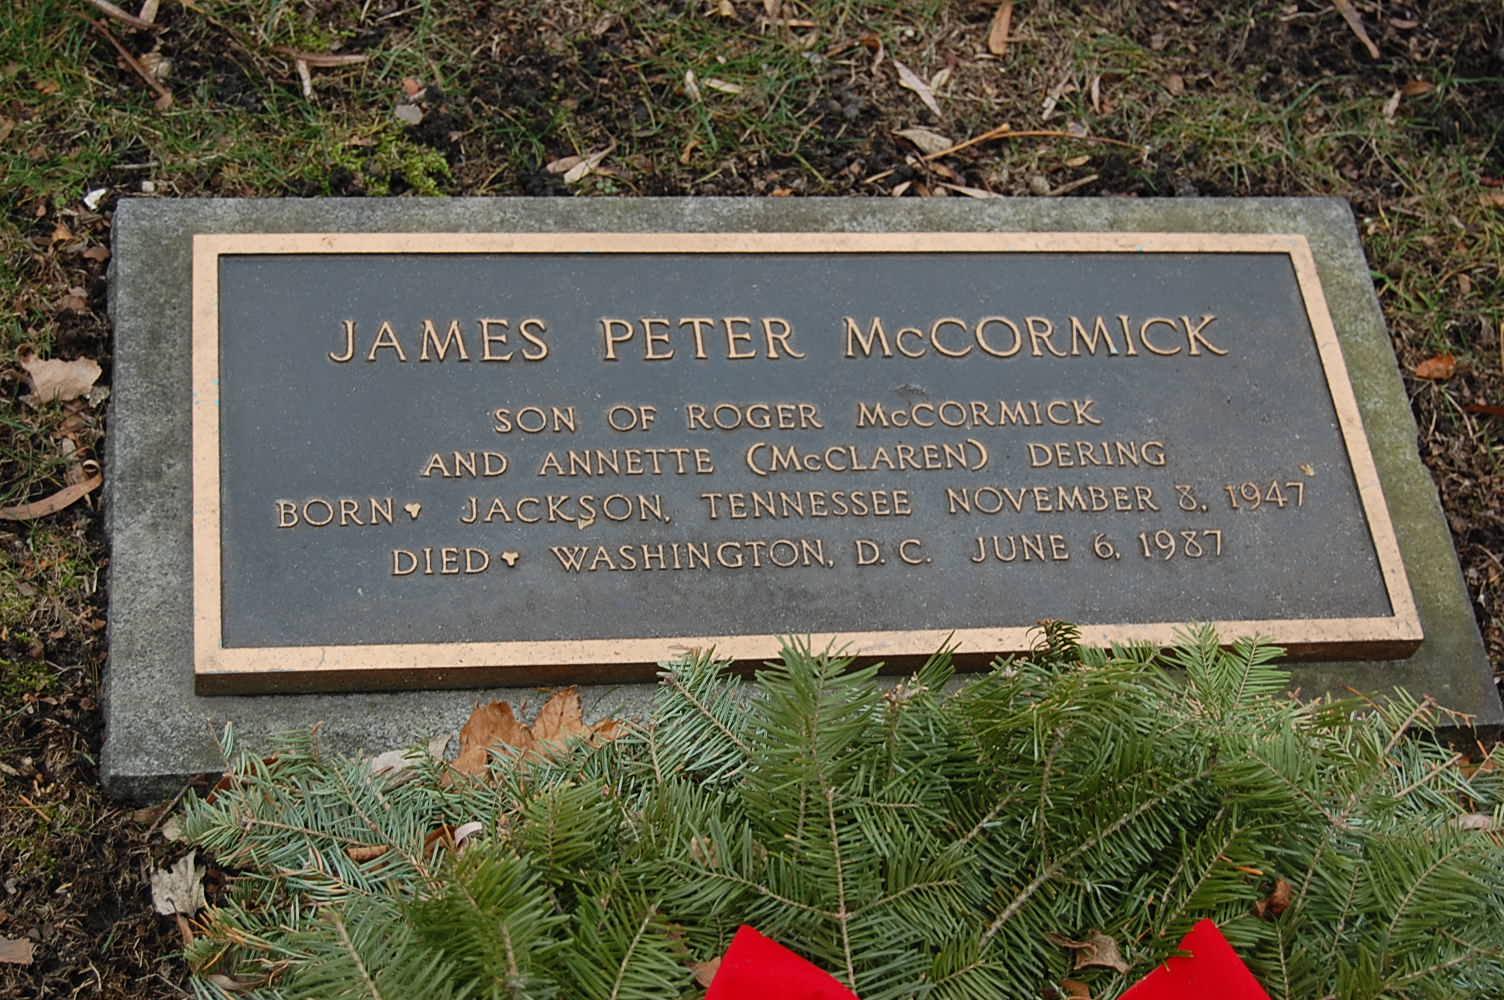 James Peter McCormick